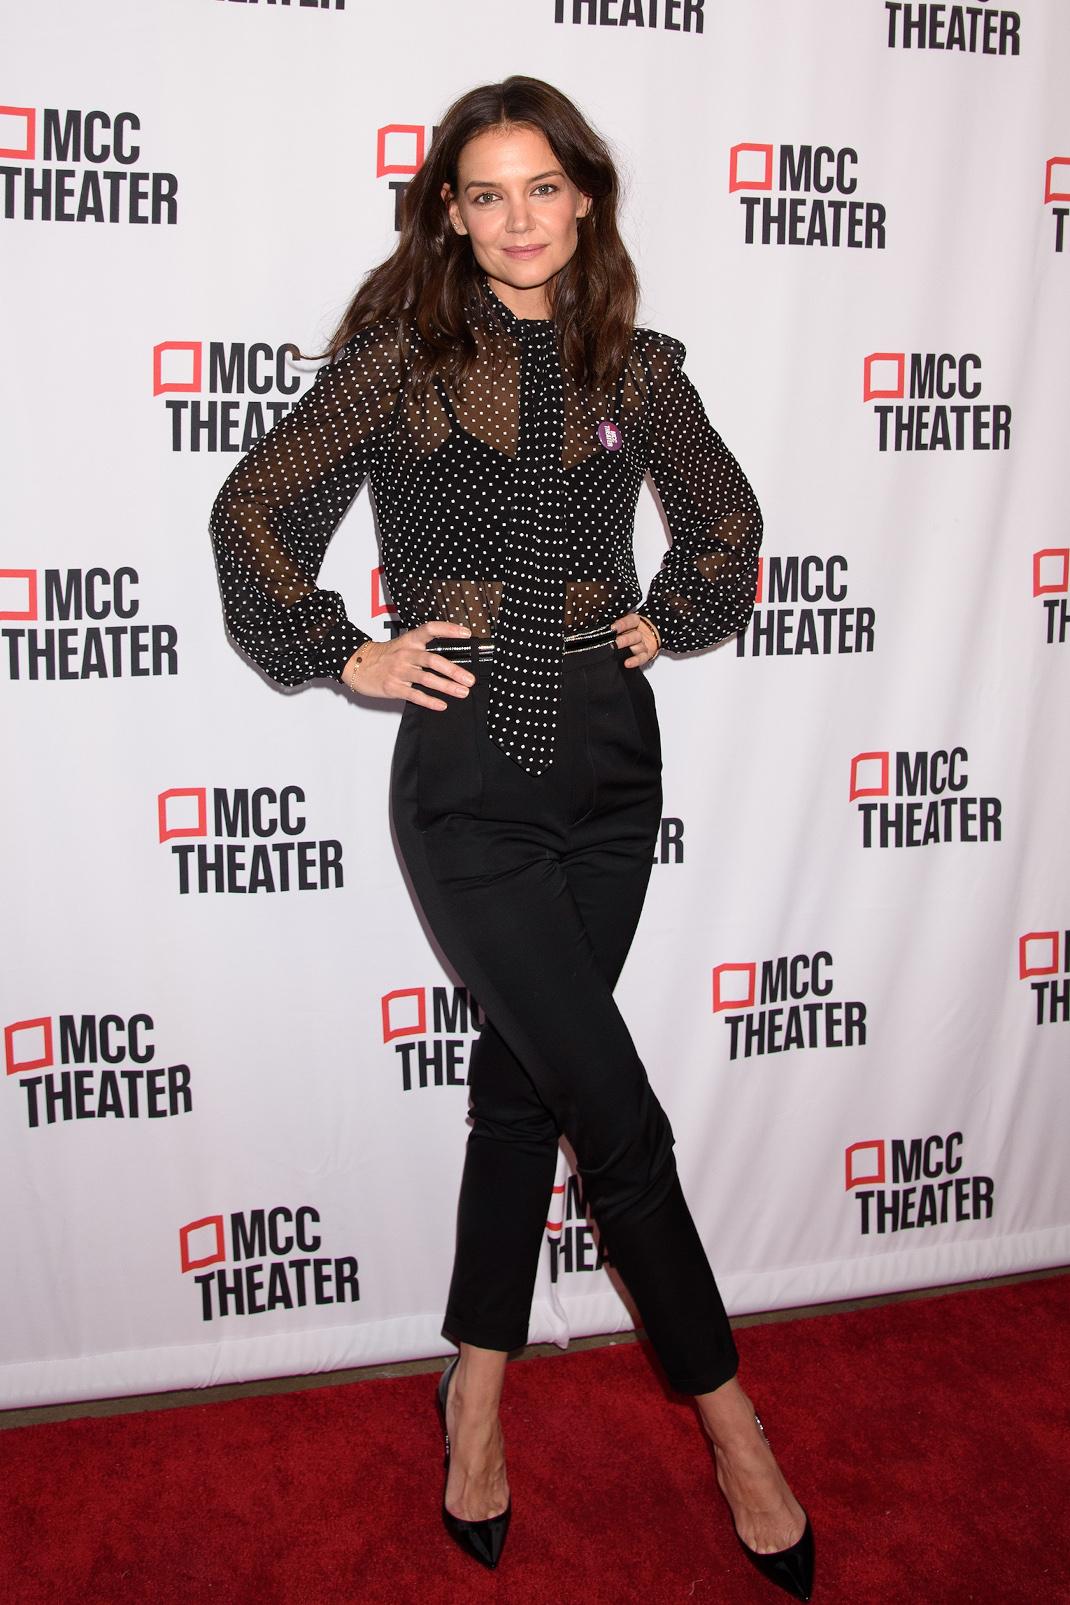 Η Κέιτι Χολμς με μαύρο ντύσιμο